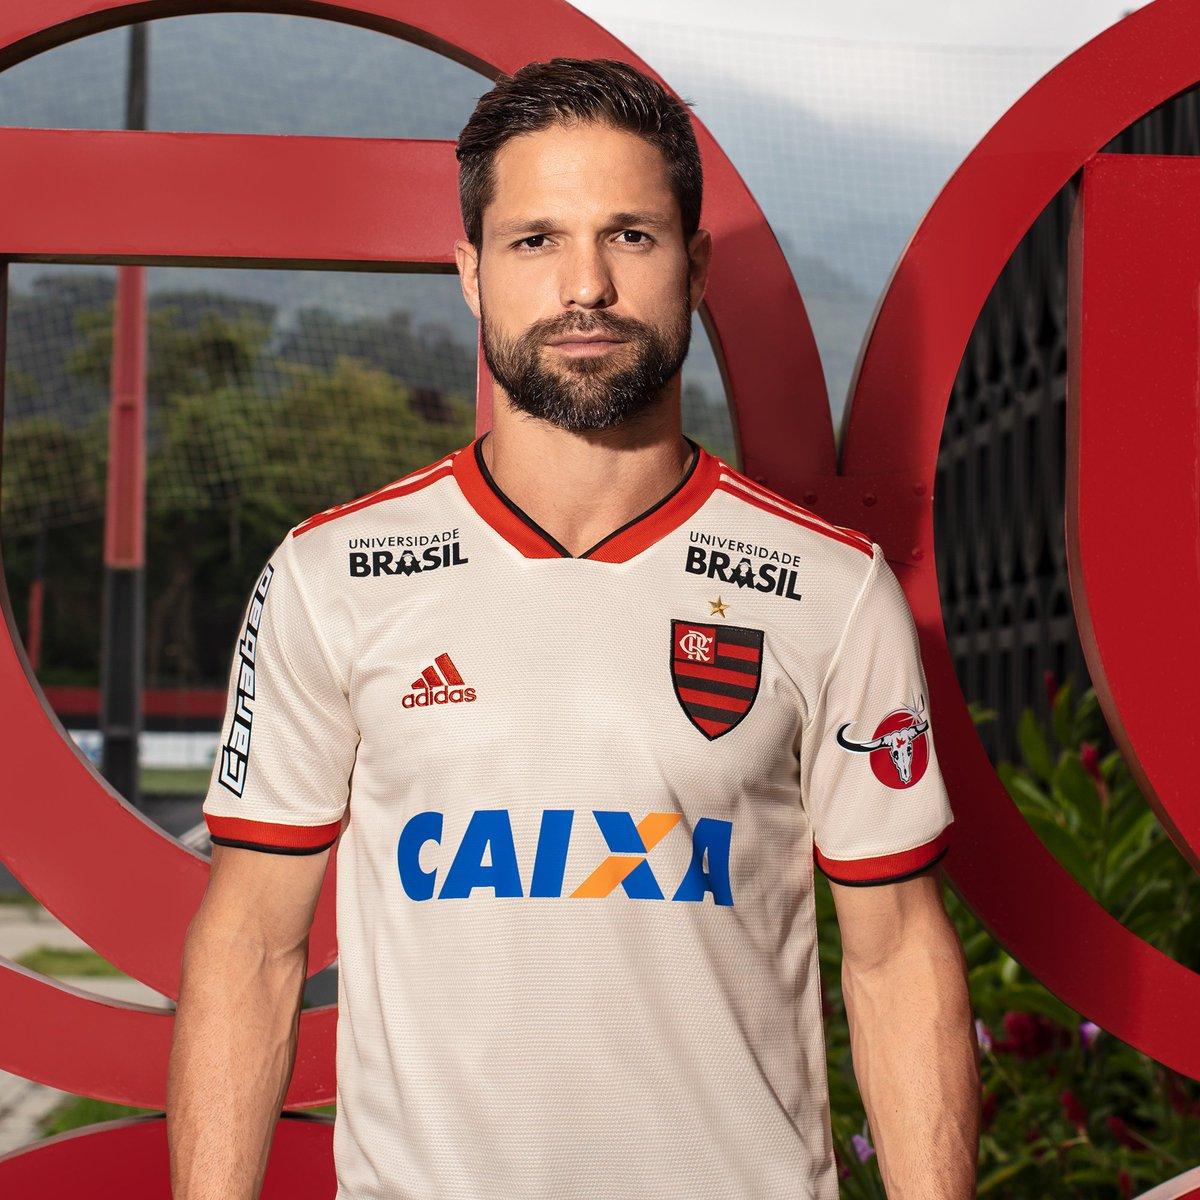 O Flamengo é meu mundo, o jogo é jogado e nosso time é a gente em campo! Novo Manto 2. Já à venda nas lojas oficiais #FazOTeu https://t.co/D2YrRRNs9l